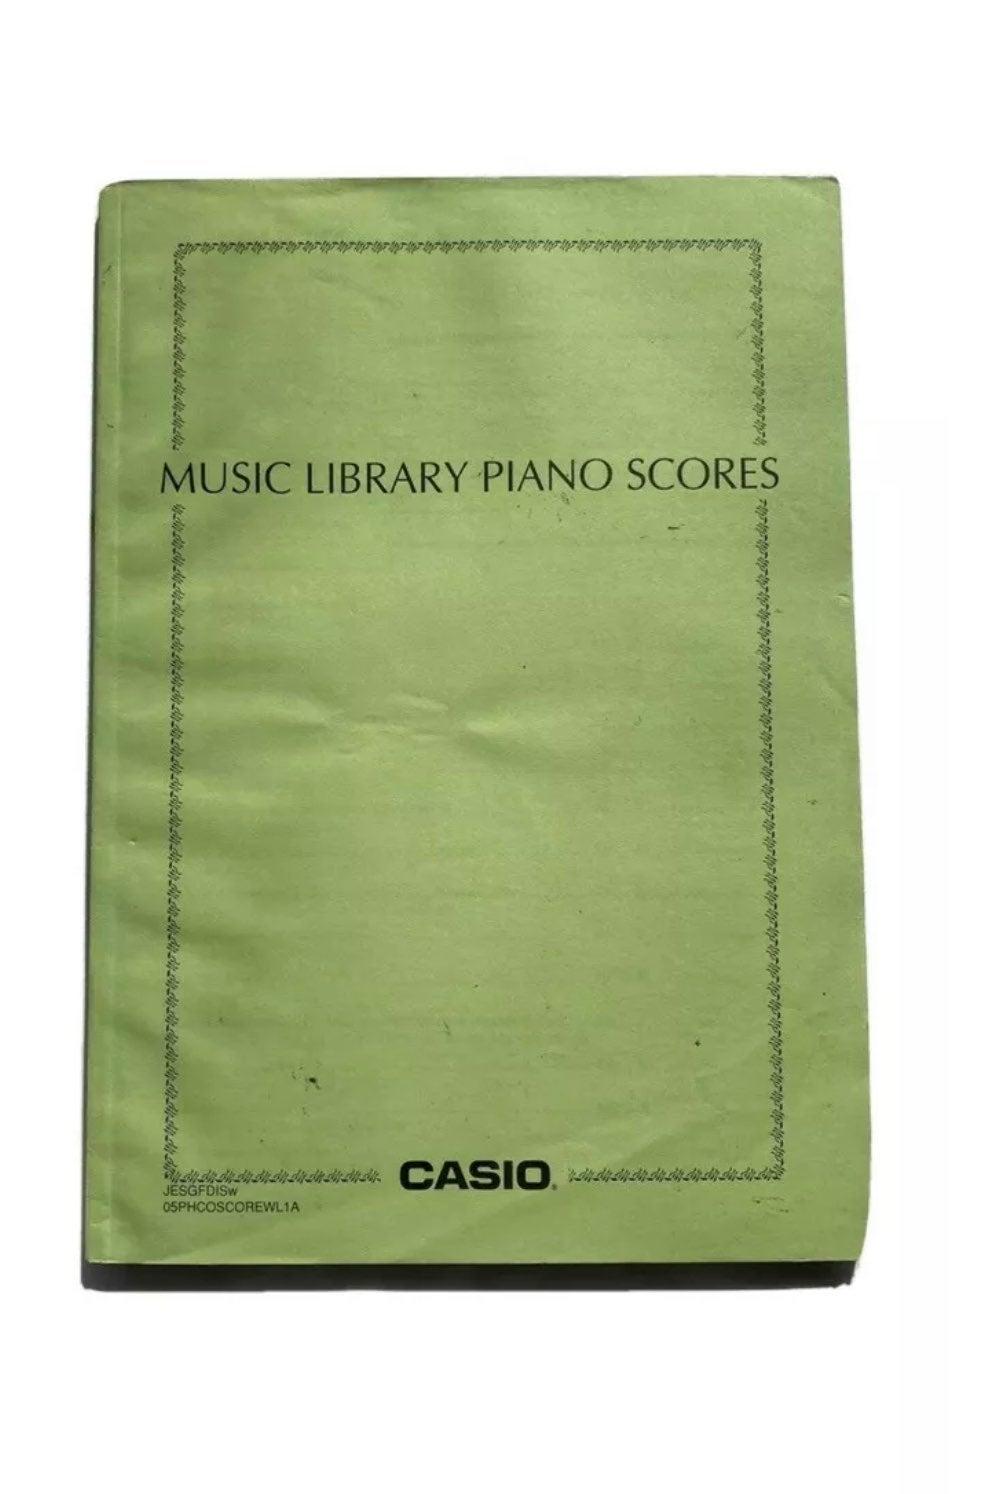 Casio Music Library Piano Scores